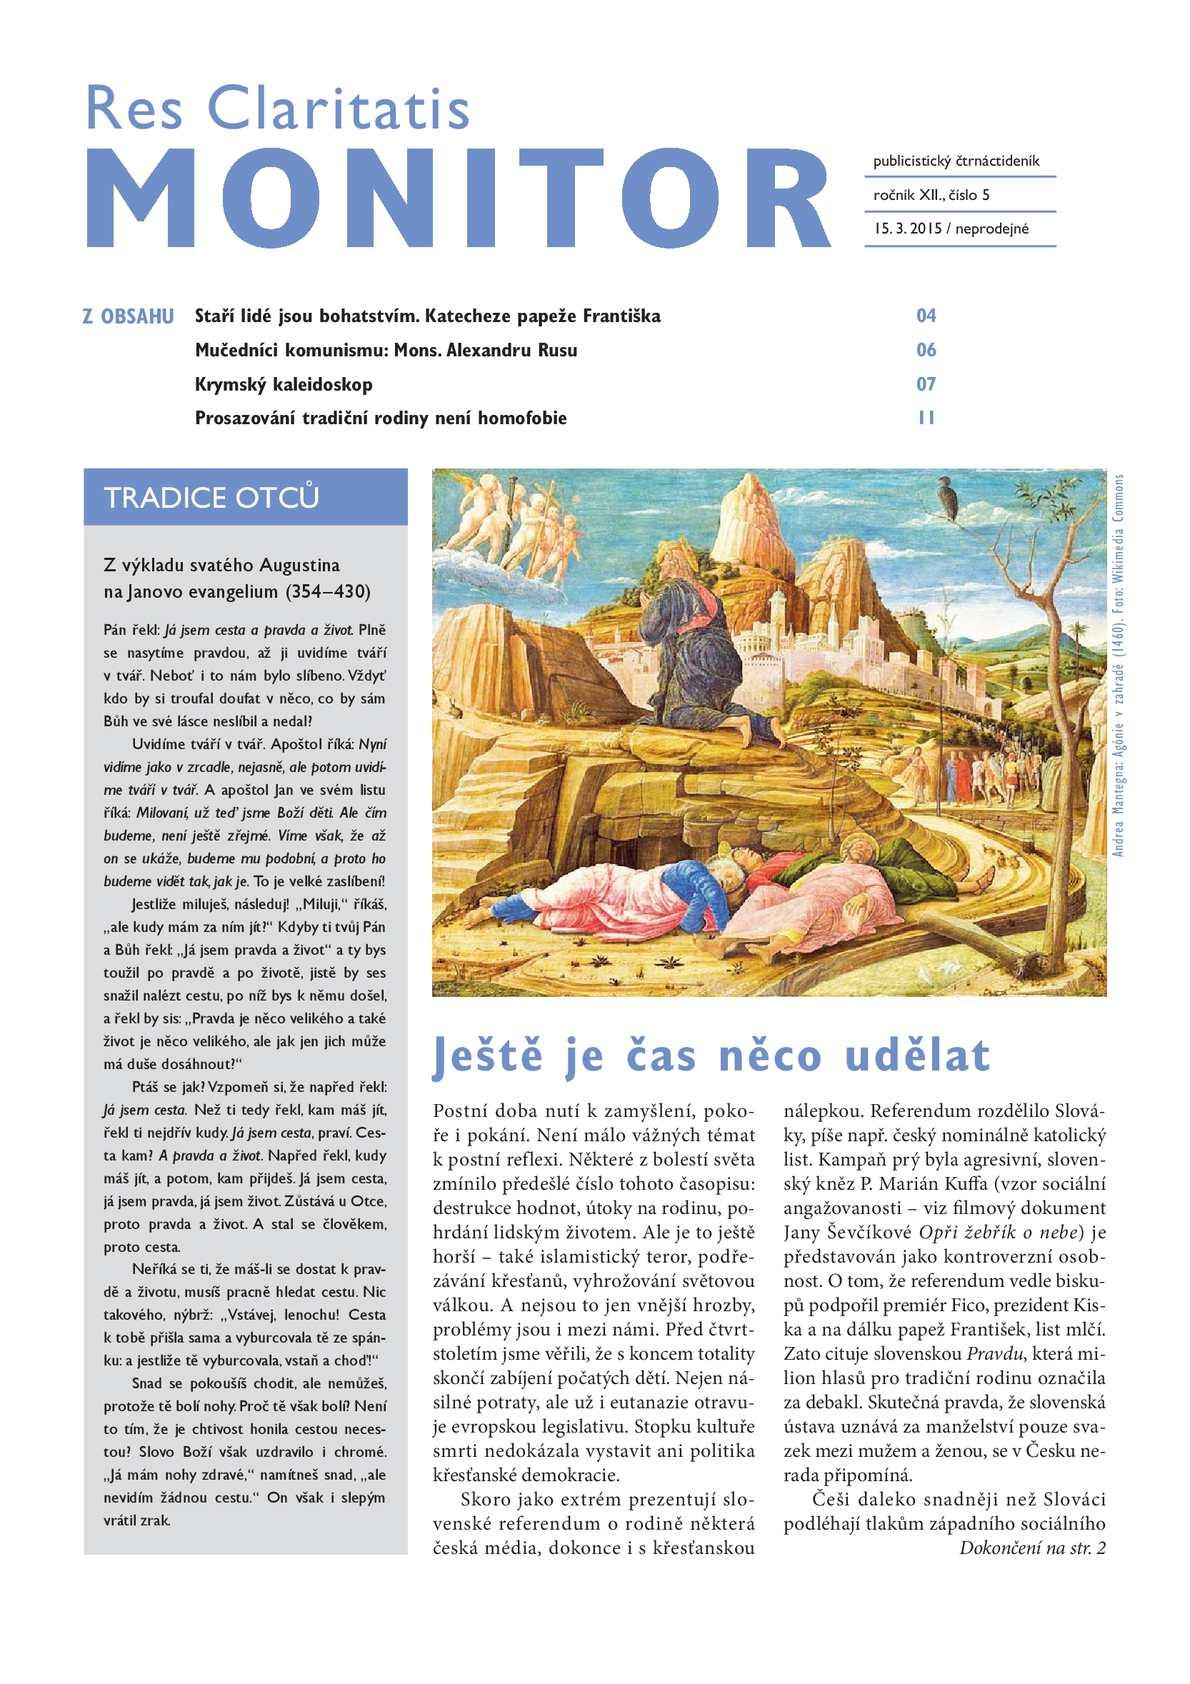 Slepé seznamovací řecké titulky